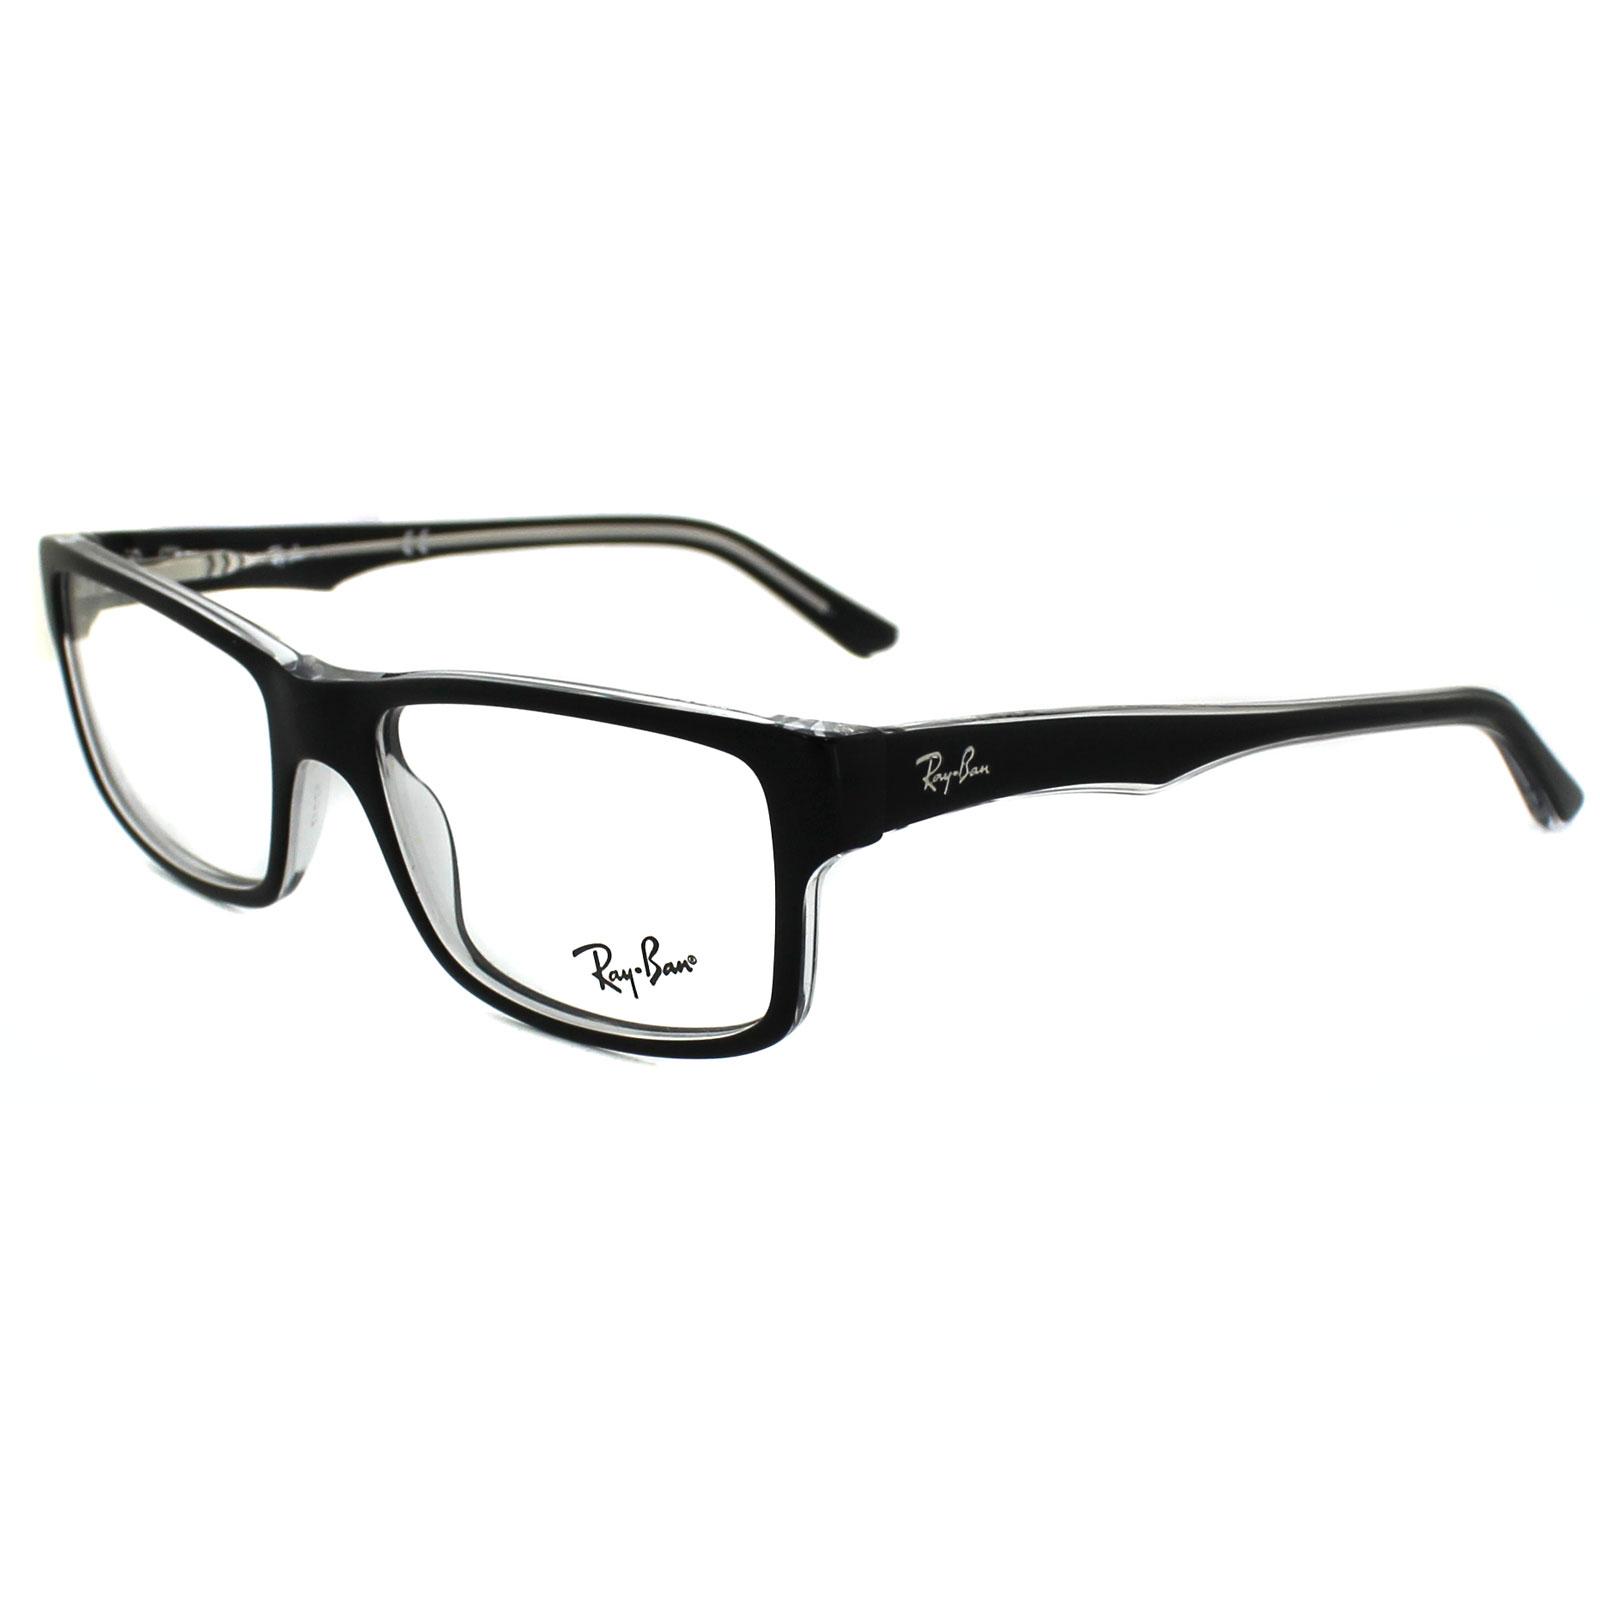 Black Top Frame Glasses : Ray-Ban Glasses Frames 5245 2034 Top Black On Transparent ...